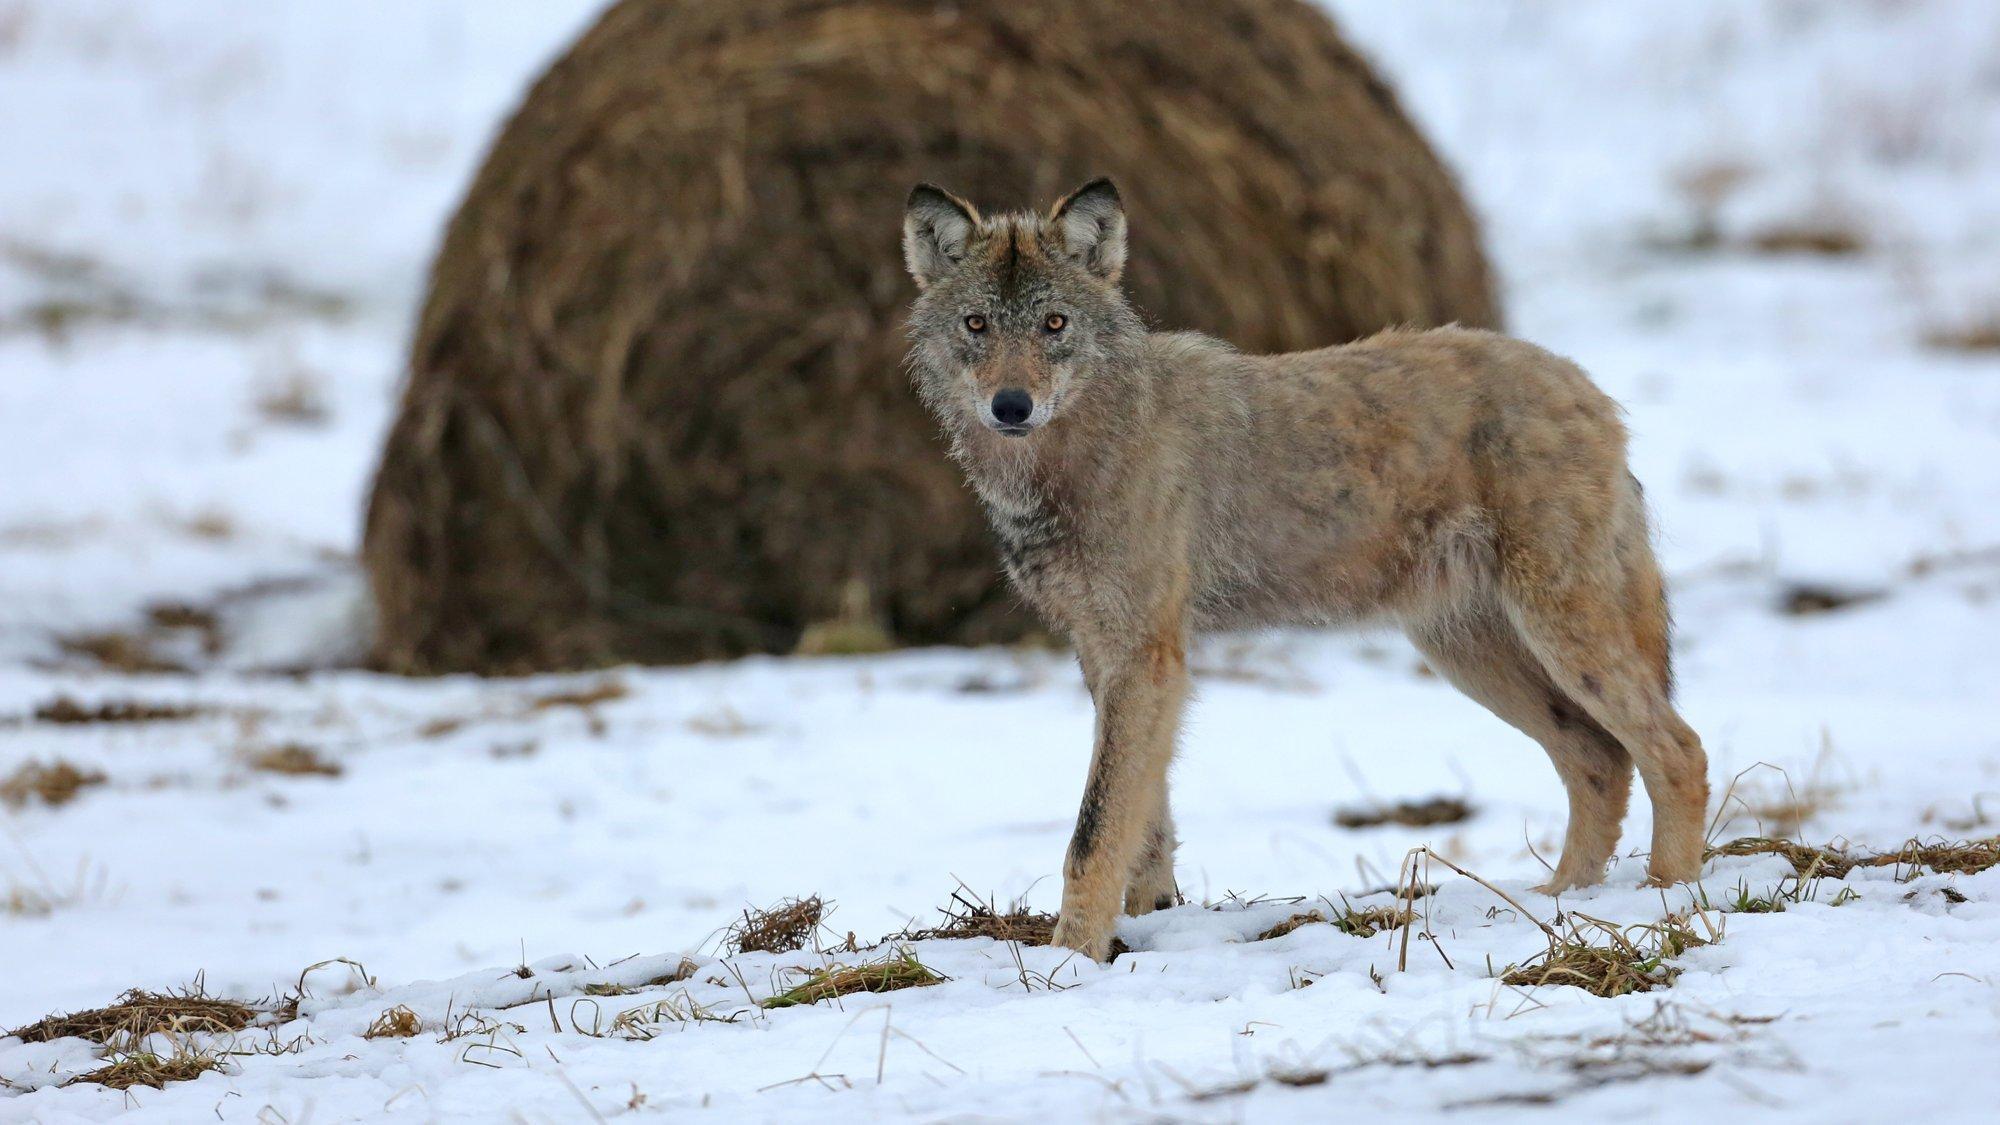 Ein wenige Monate alter Jungwolf auf einer noch schneebedeckten Wiese